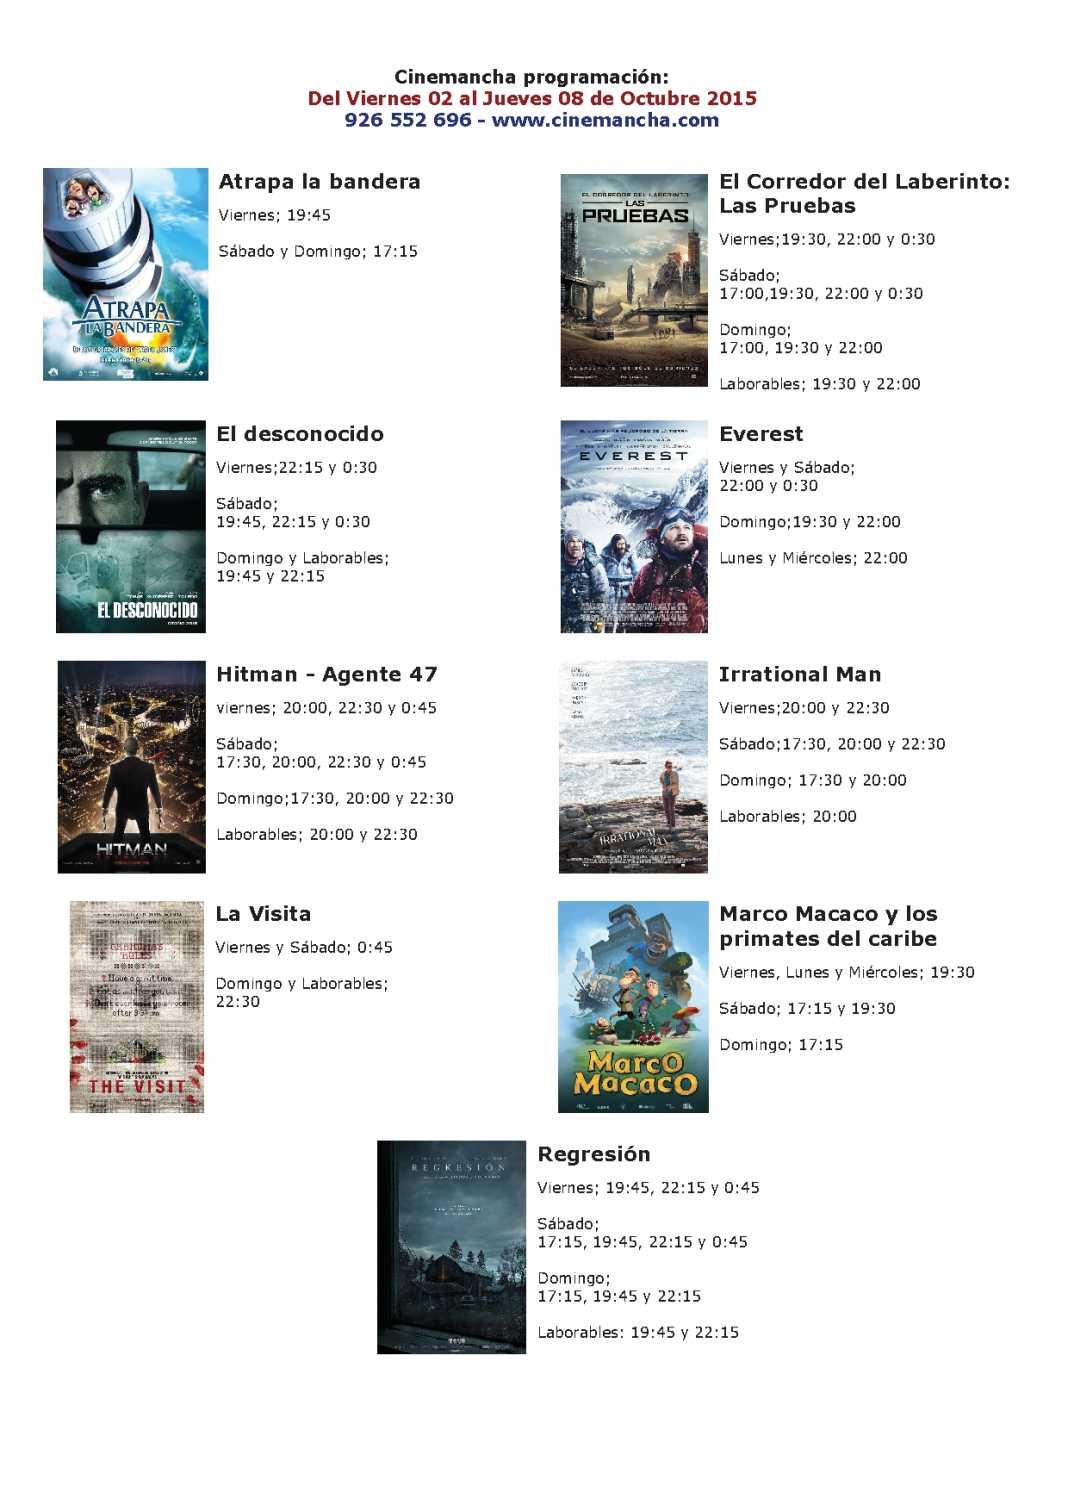 cartelera de cinemancha del 02 al 08 de octubre 1068x1511 - Cartelera Cinemancha del 2 al 8 de octubre